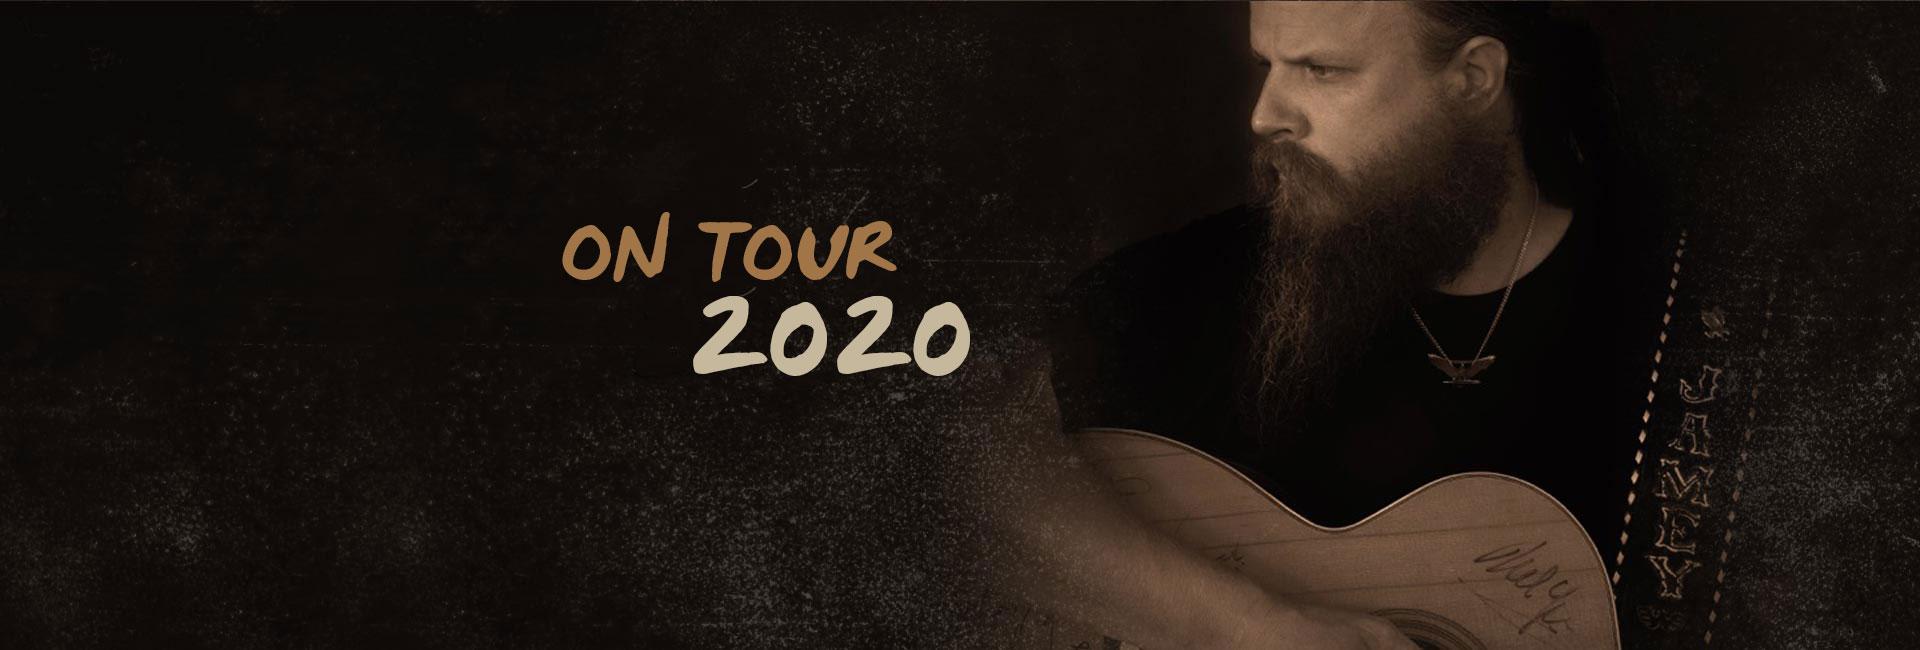 billboard_main_tour_2020.jpg